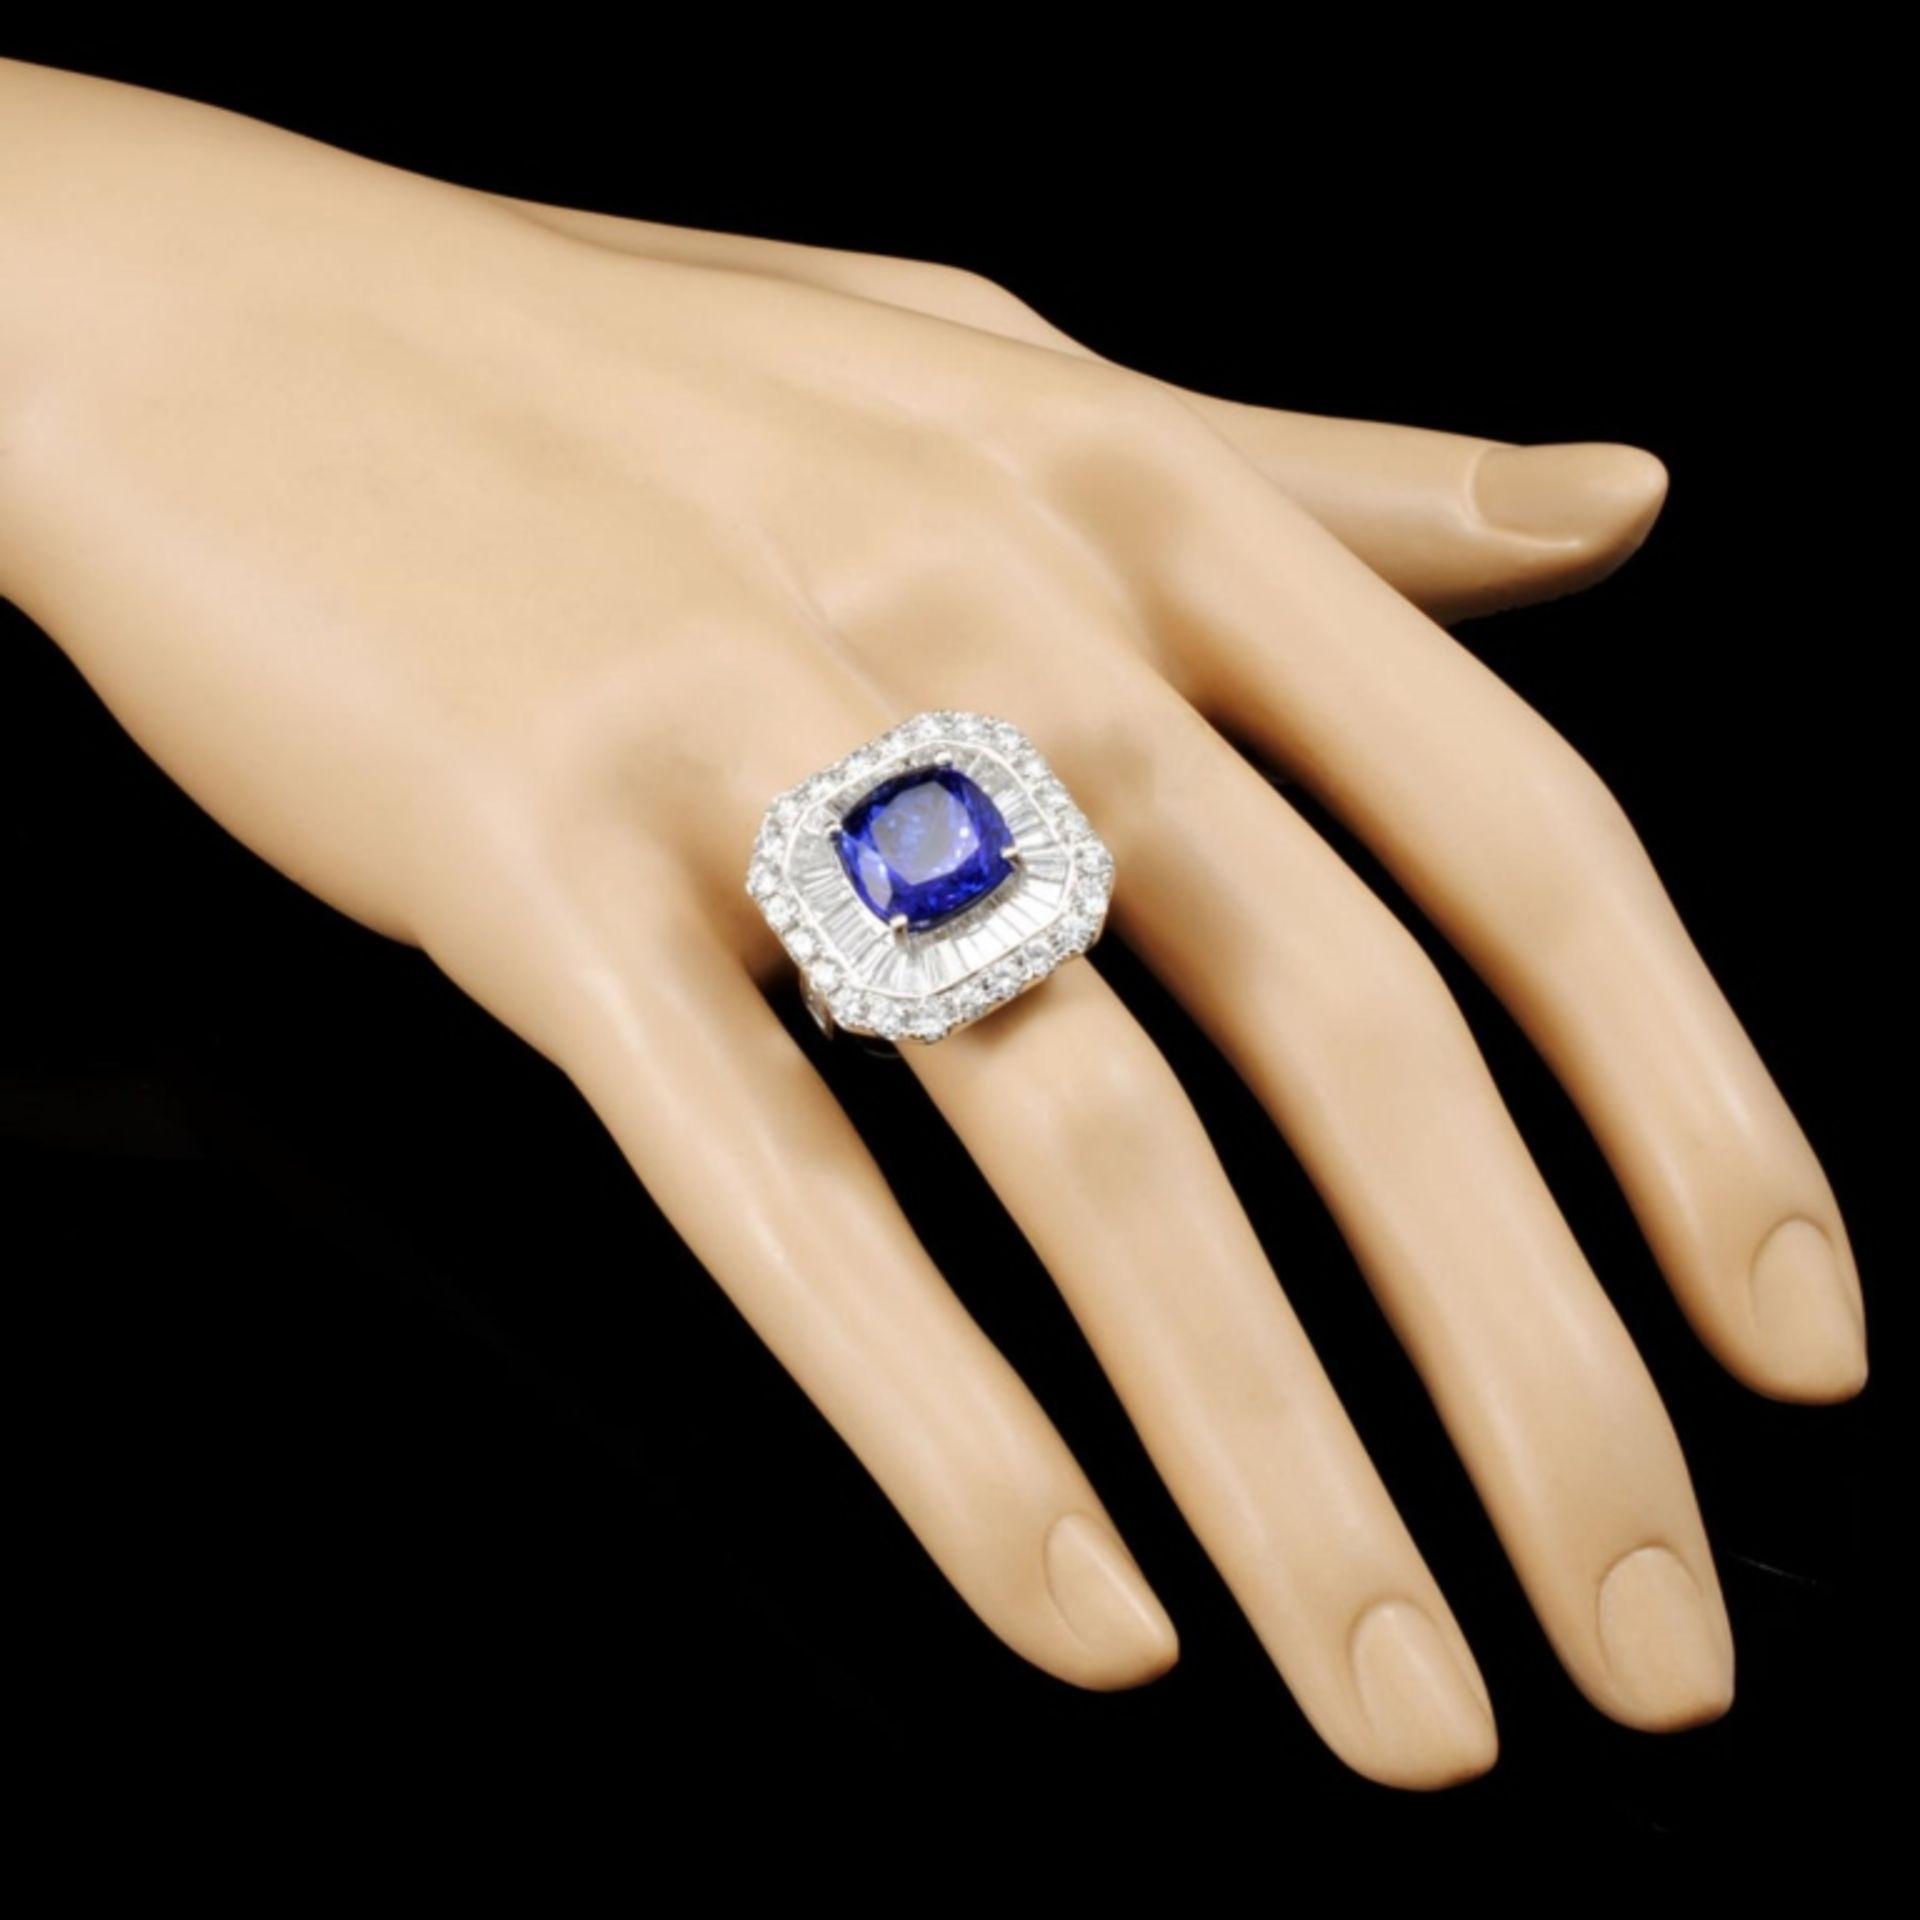 18K Gold 7.60ct Tanzanite & 3.33ctw Diamond Ring - Image 3 of 5